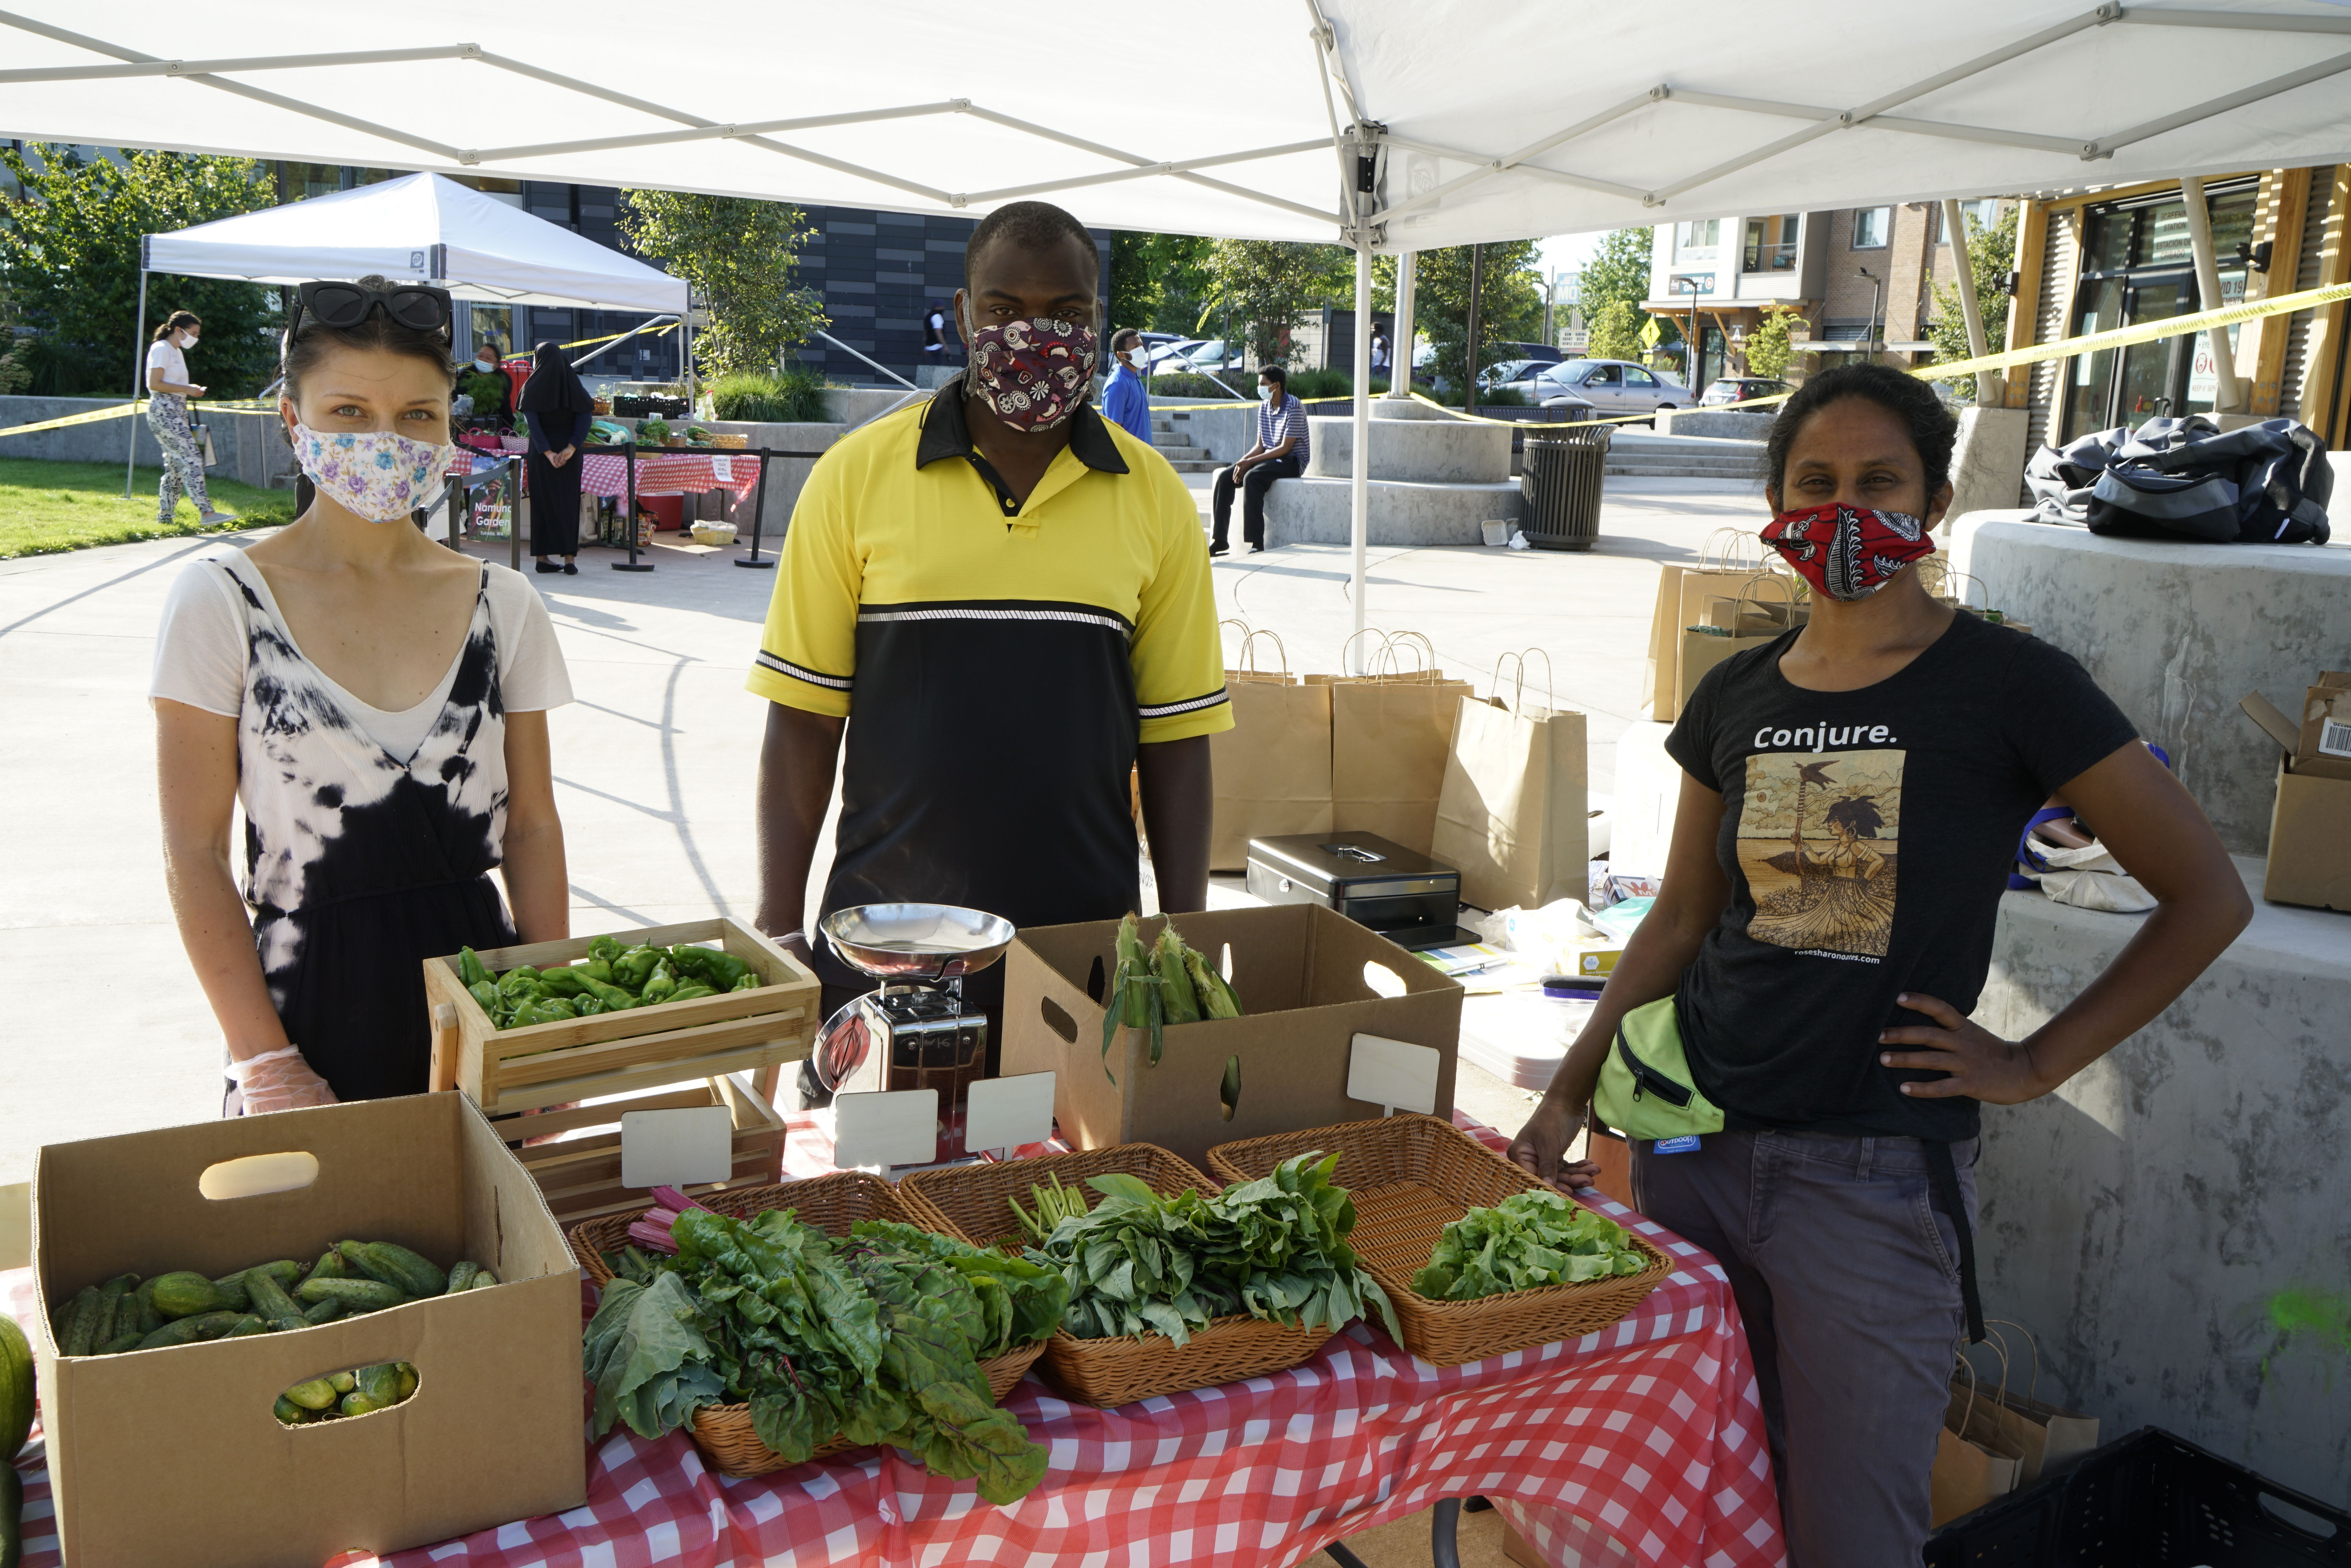 穿面部面具的三个人站立在显示各种叶茂盛绿色蔬菜的桌子